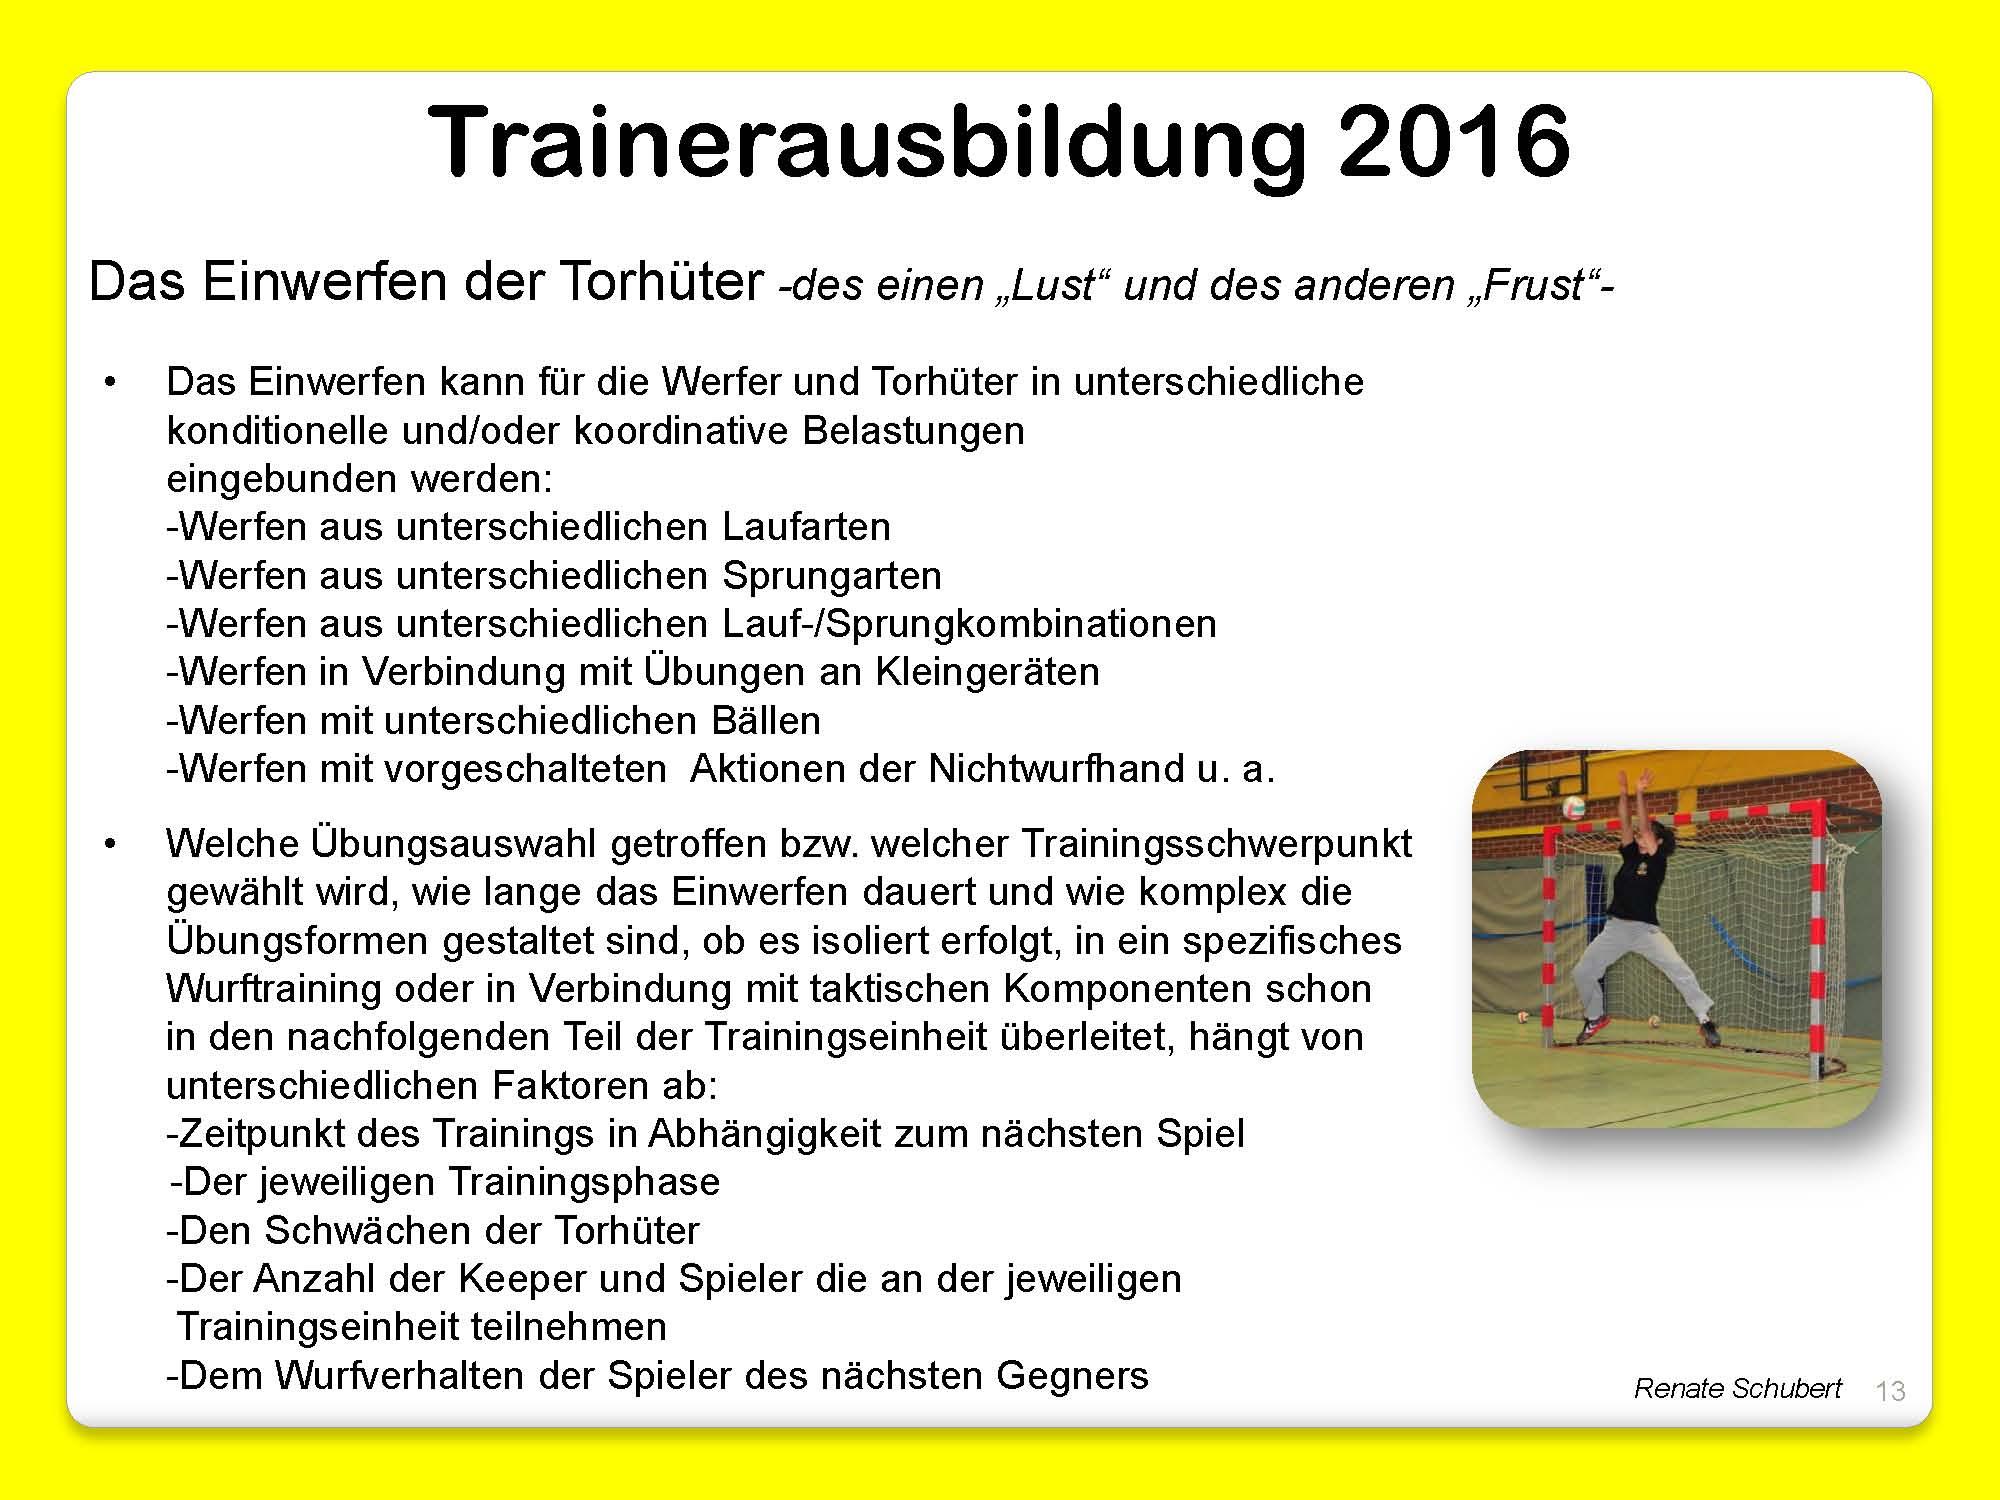 trainerausbildung_2016_Seite_13